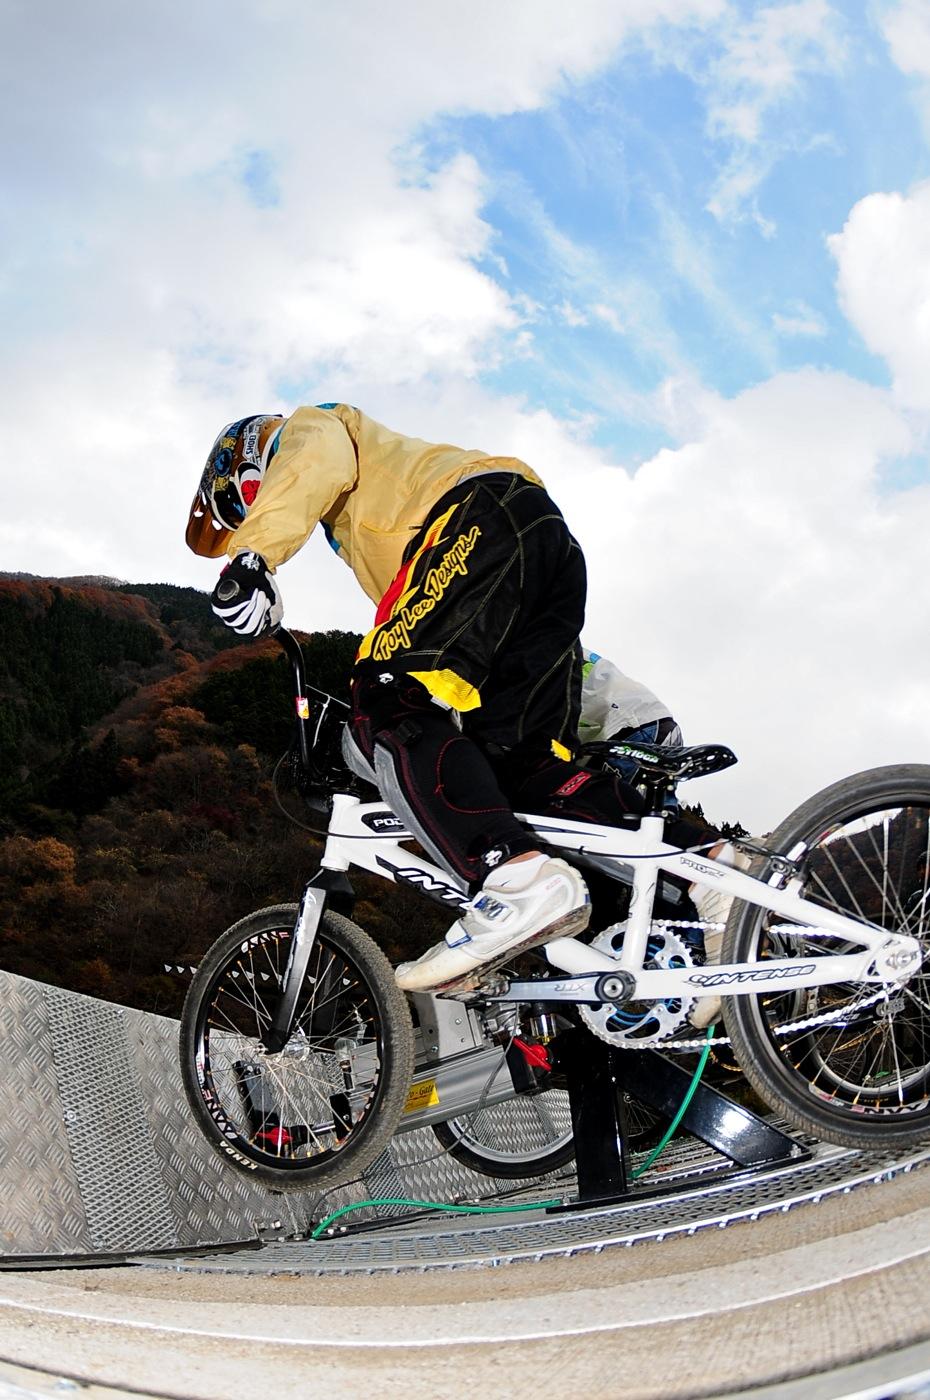 スタートマニア2009:秩父滝沢サイクルパークBMXトラック_b0065730_16302288.jpg